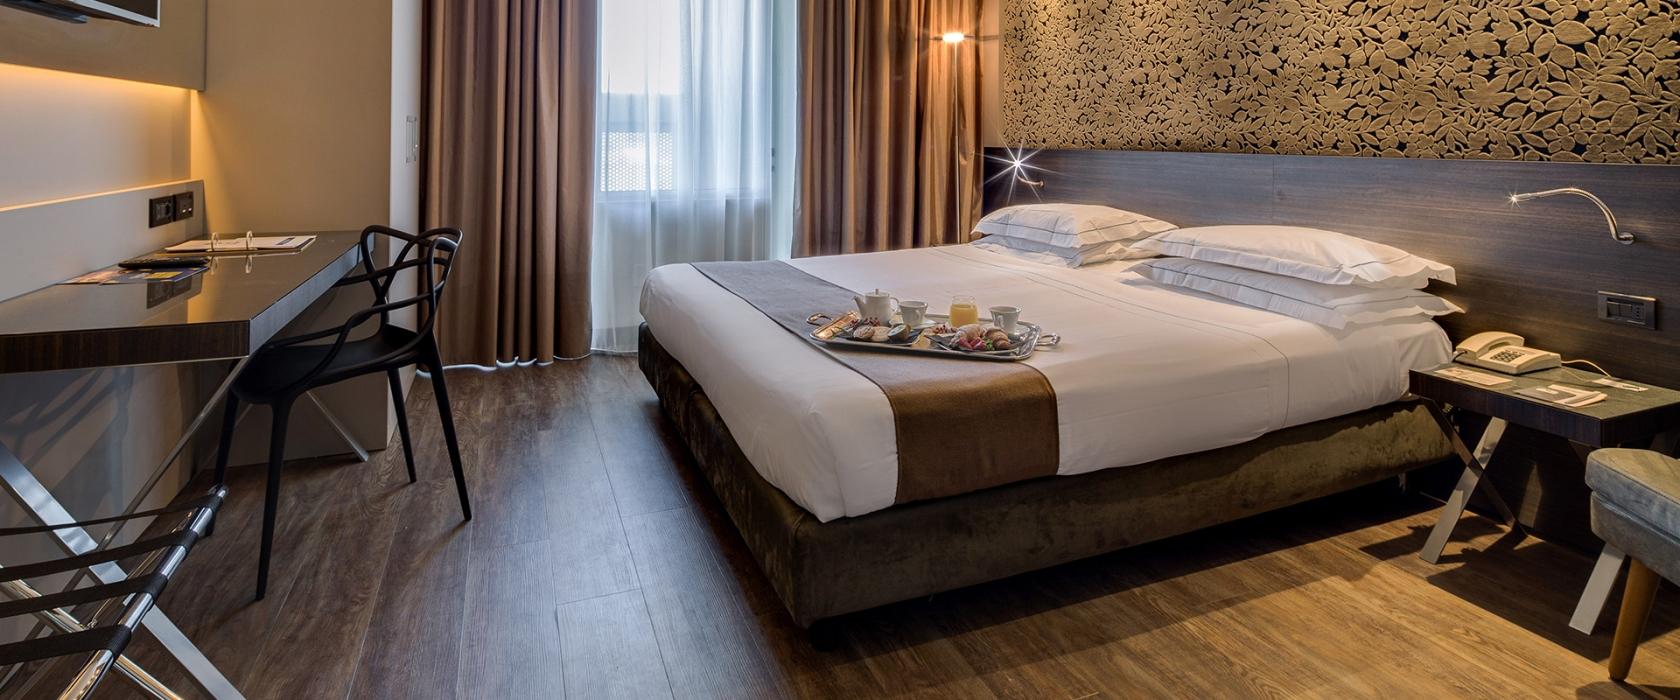 Prenota la camera superior del Bw Plus Hotel Farnese